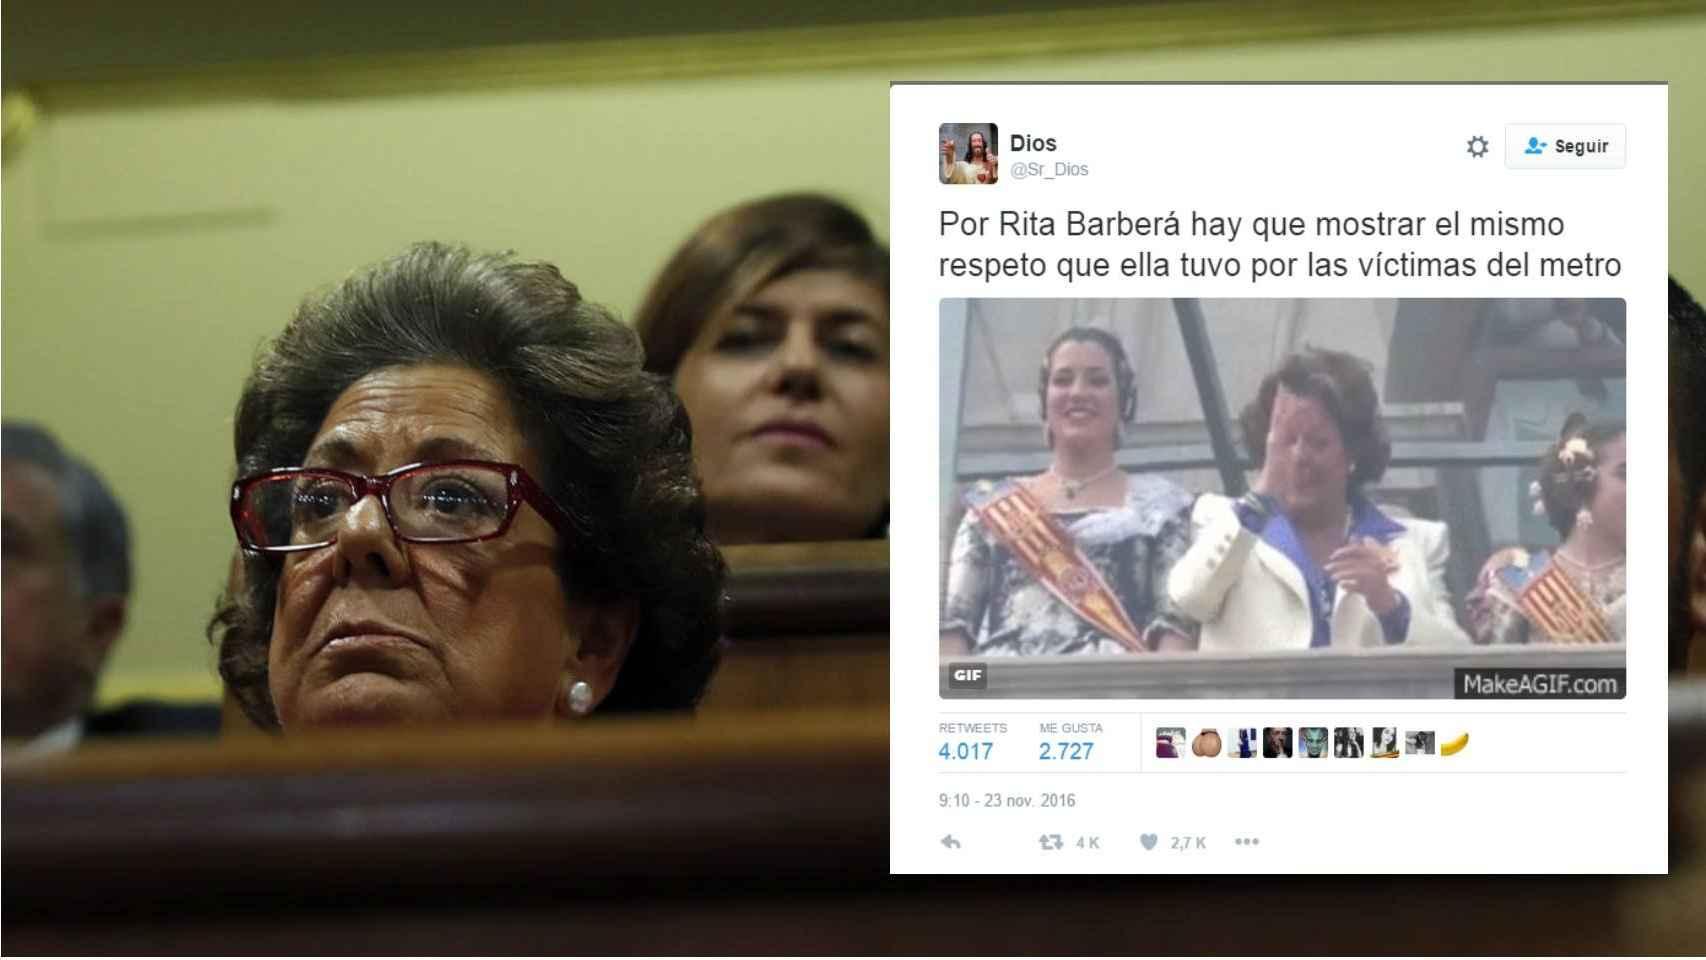 Rita Barberá en el Hemiciclo / Uno de los tuits que recuerda el incidente del balcón.